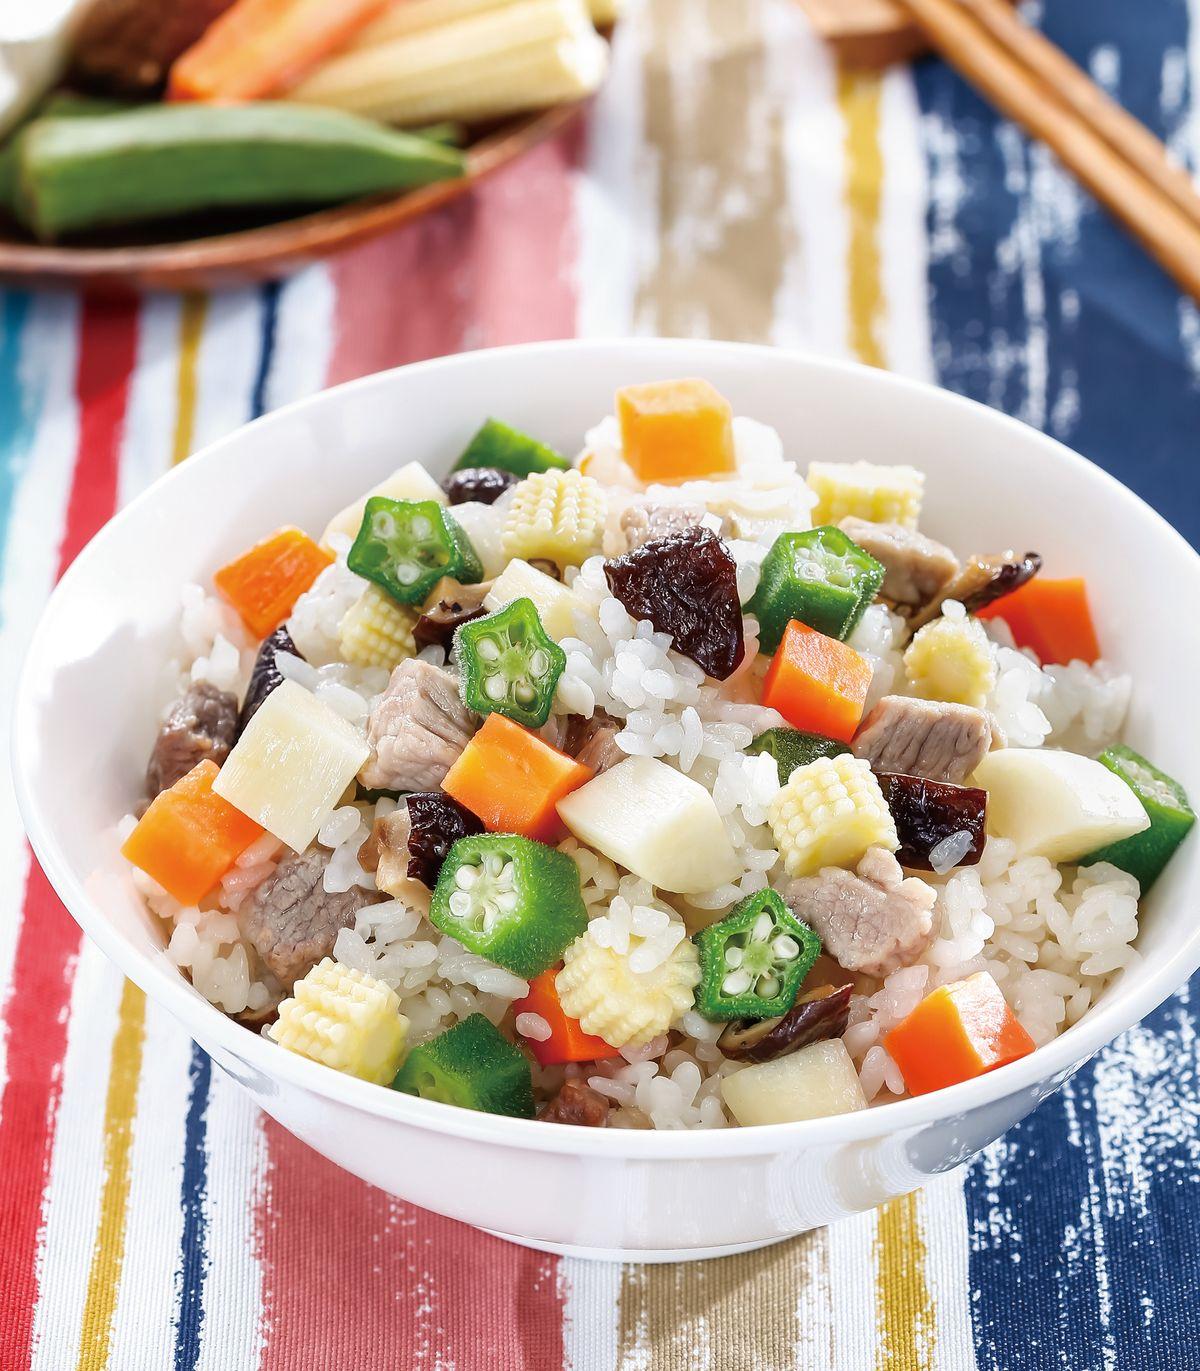 食譜:五色蔬菜肉丁炊飯